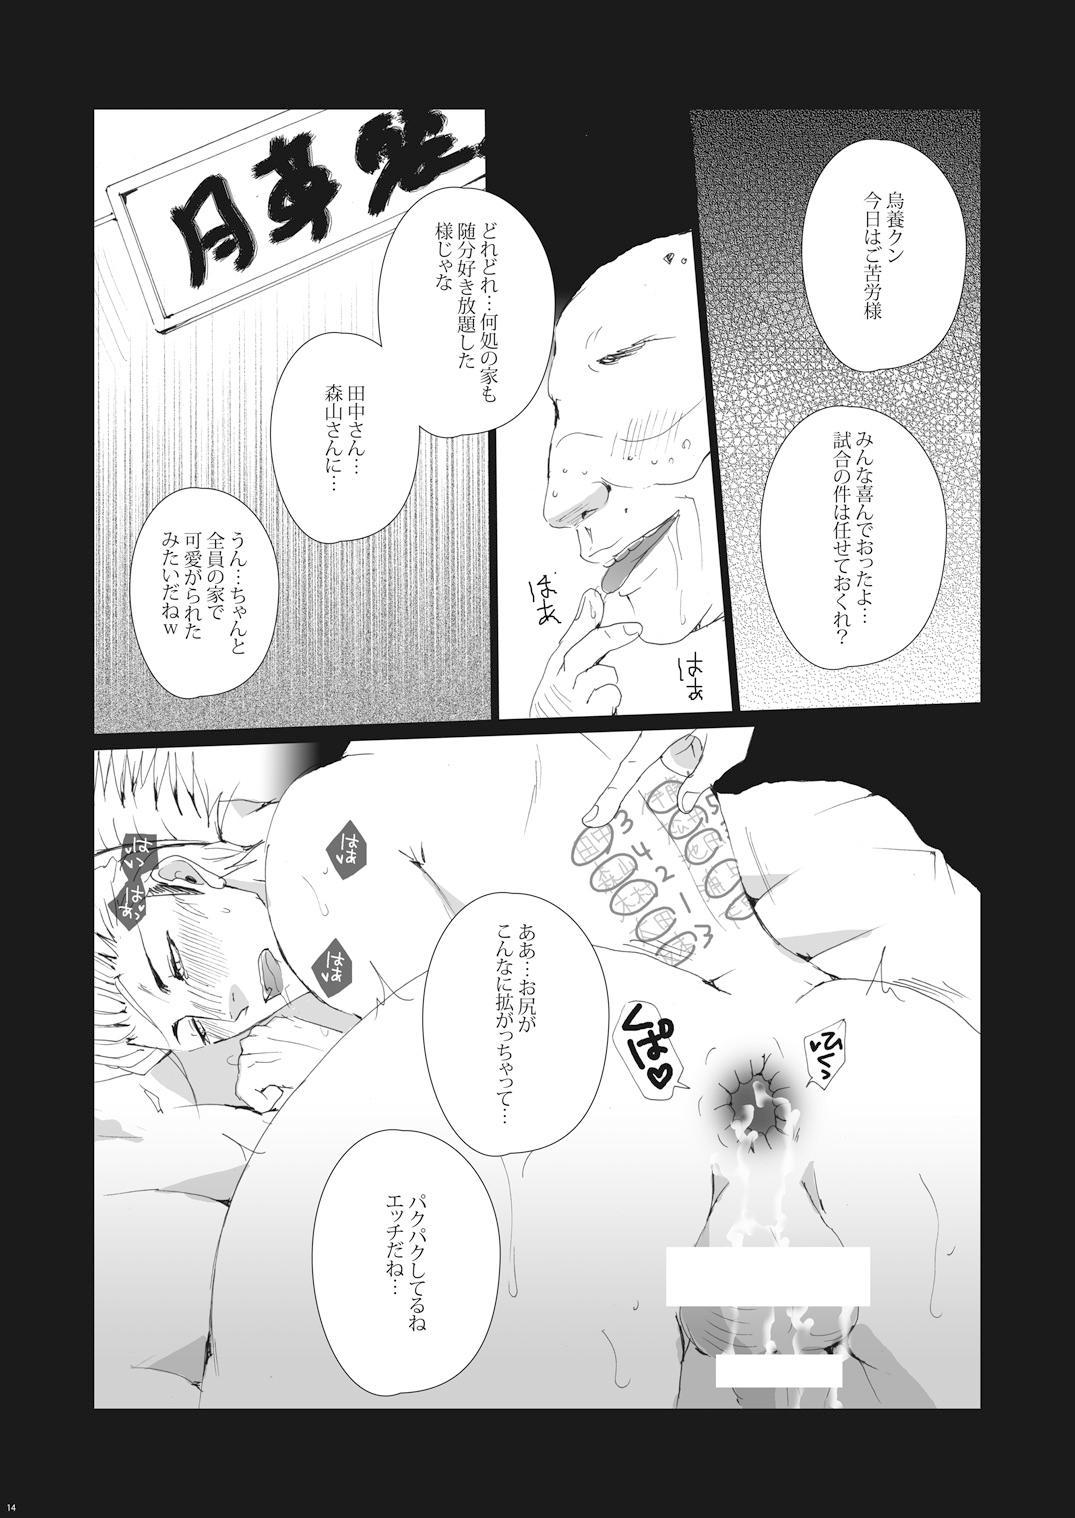 b_0016_uka_P14out